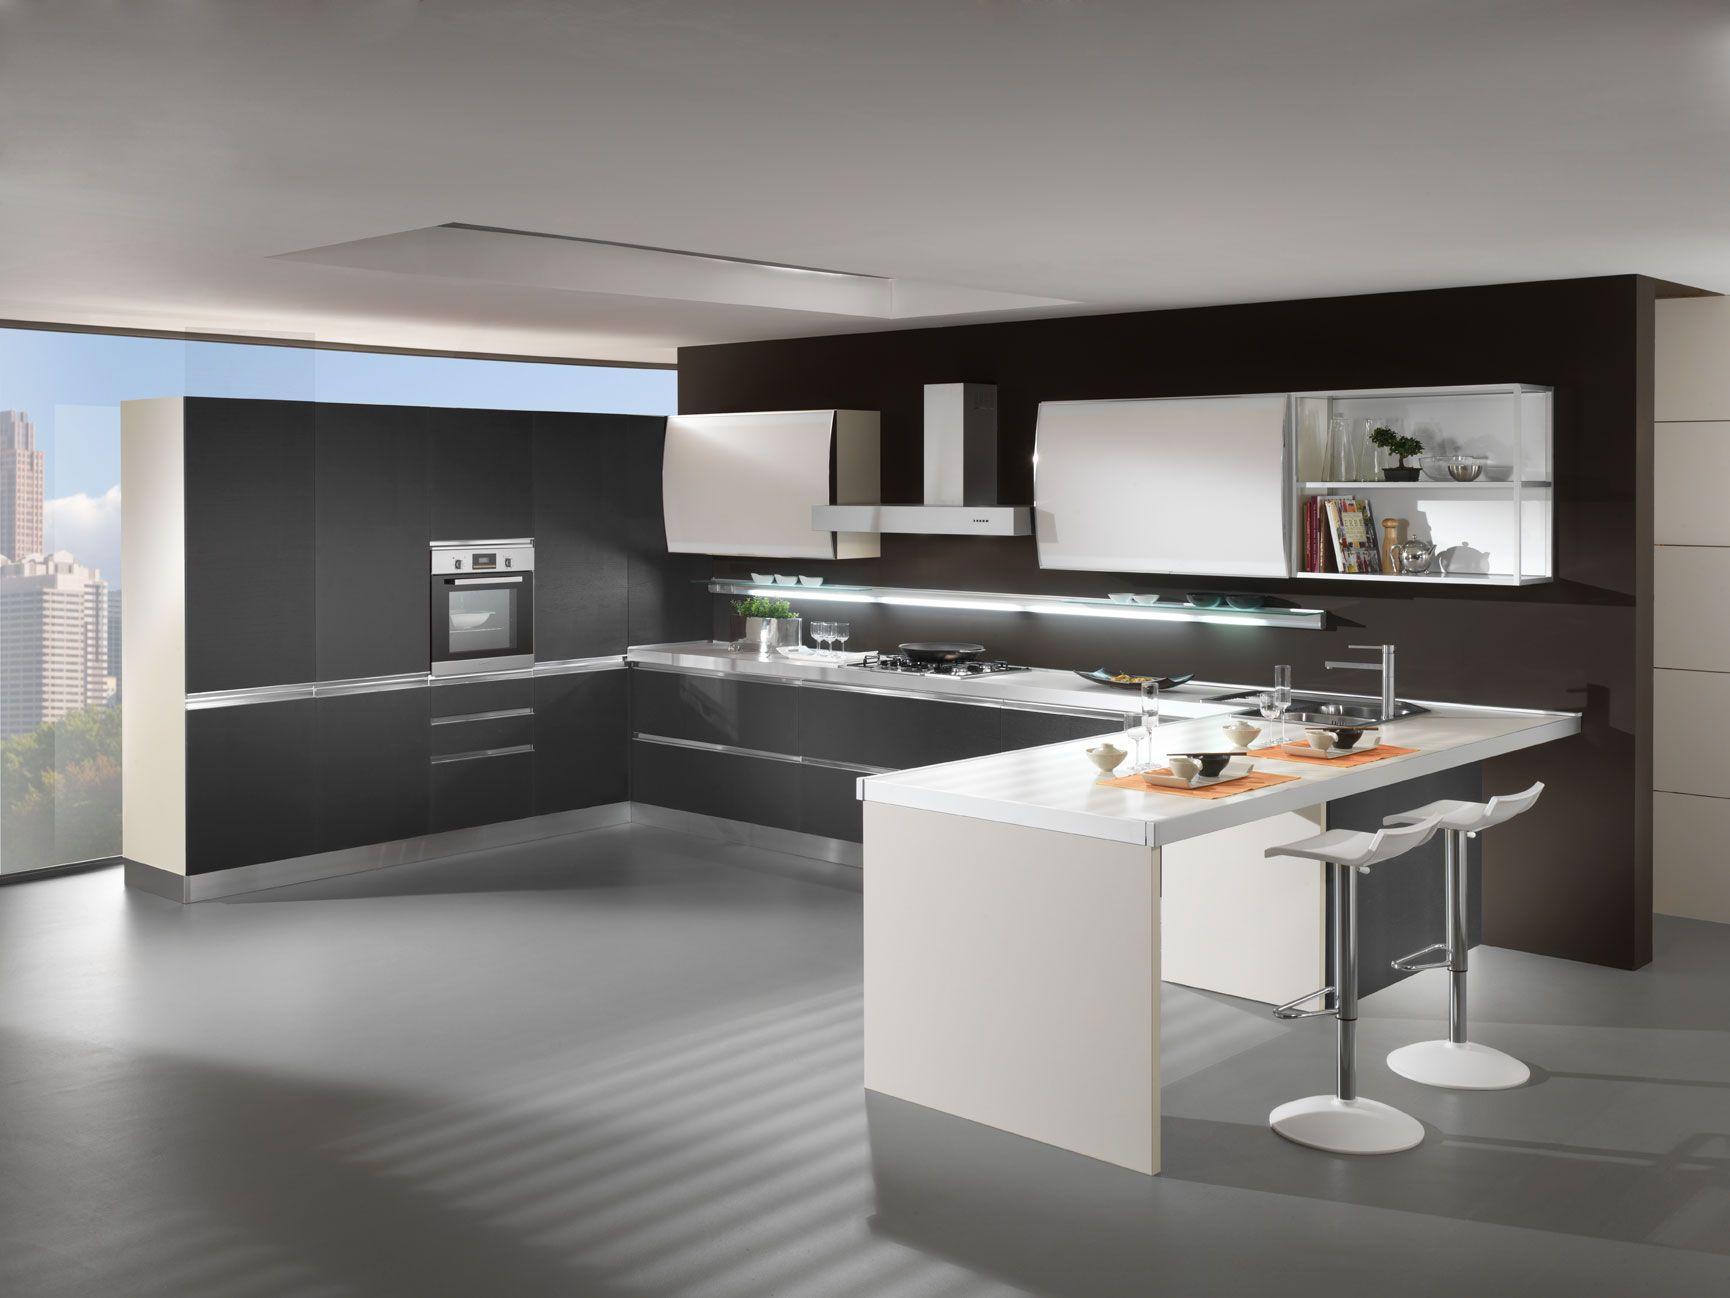 cucina moderna - Cerca con Google | KITCHEN | Pinterest | Cucina ...